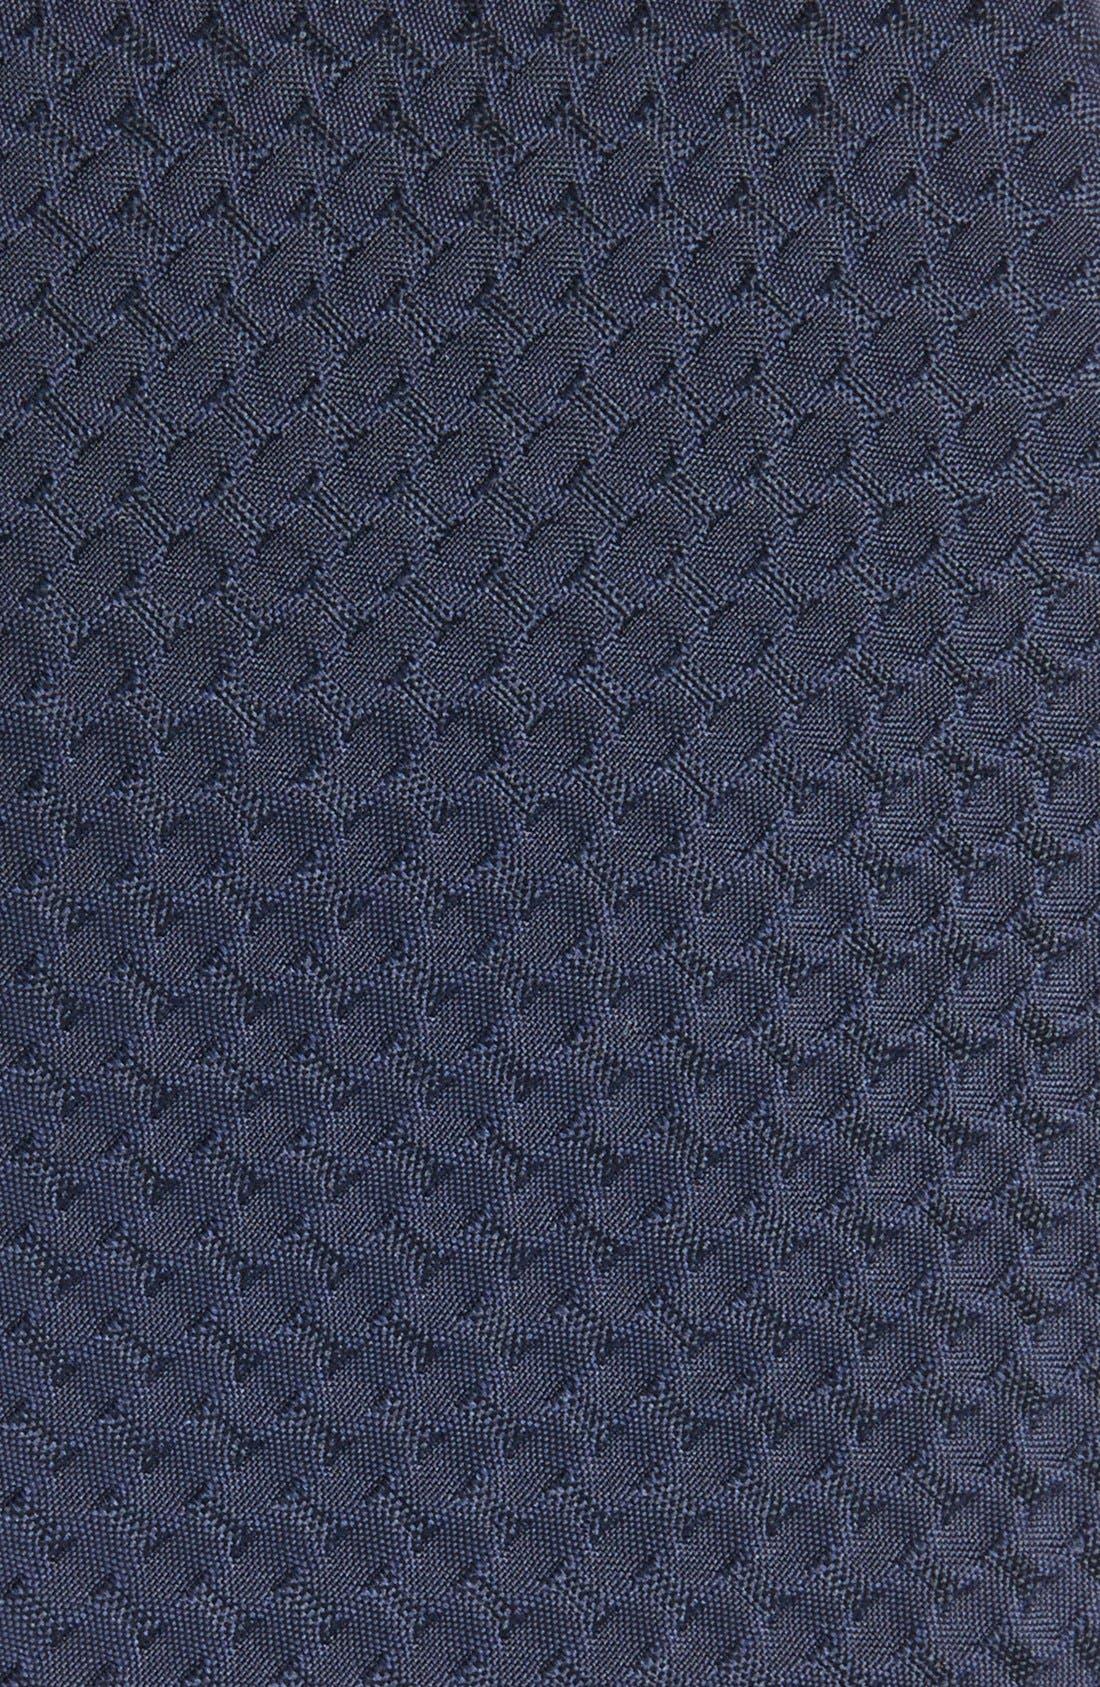 Alternate Image 2  - Armani Collezioni Woven Silk & Cotton Tie